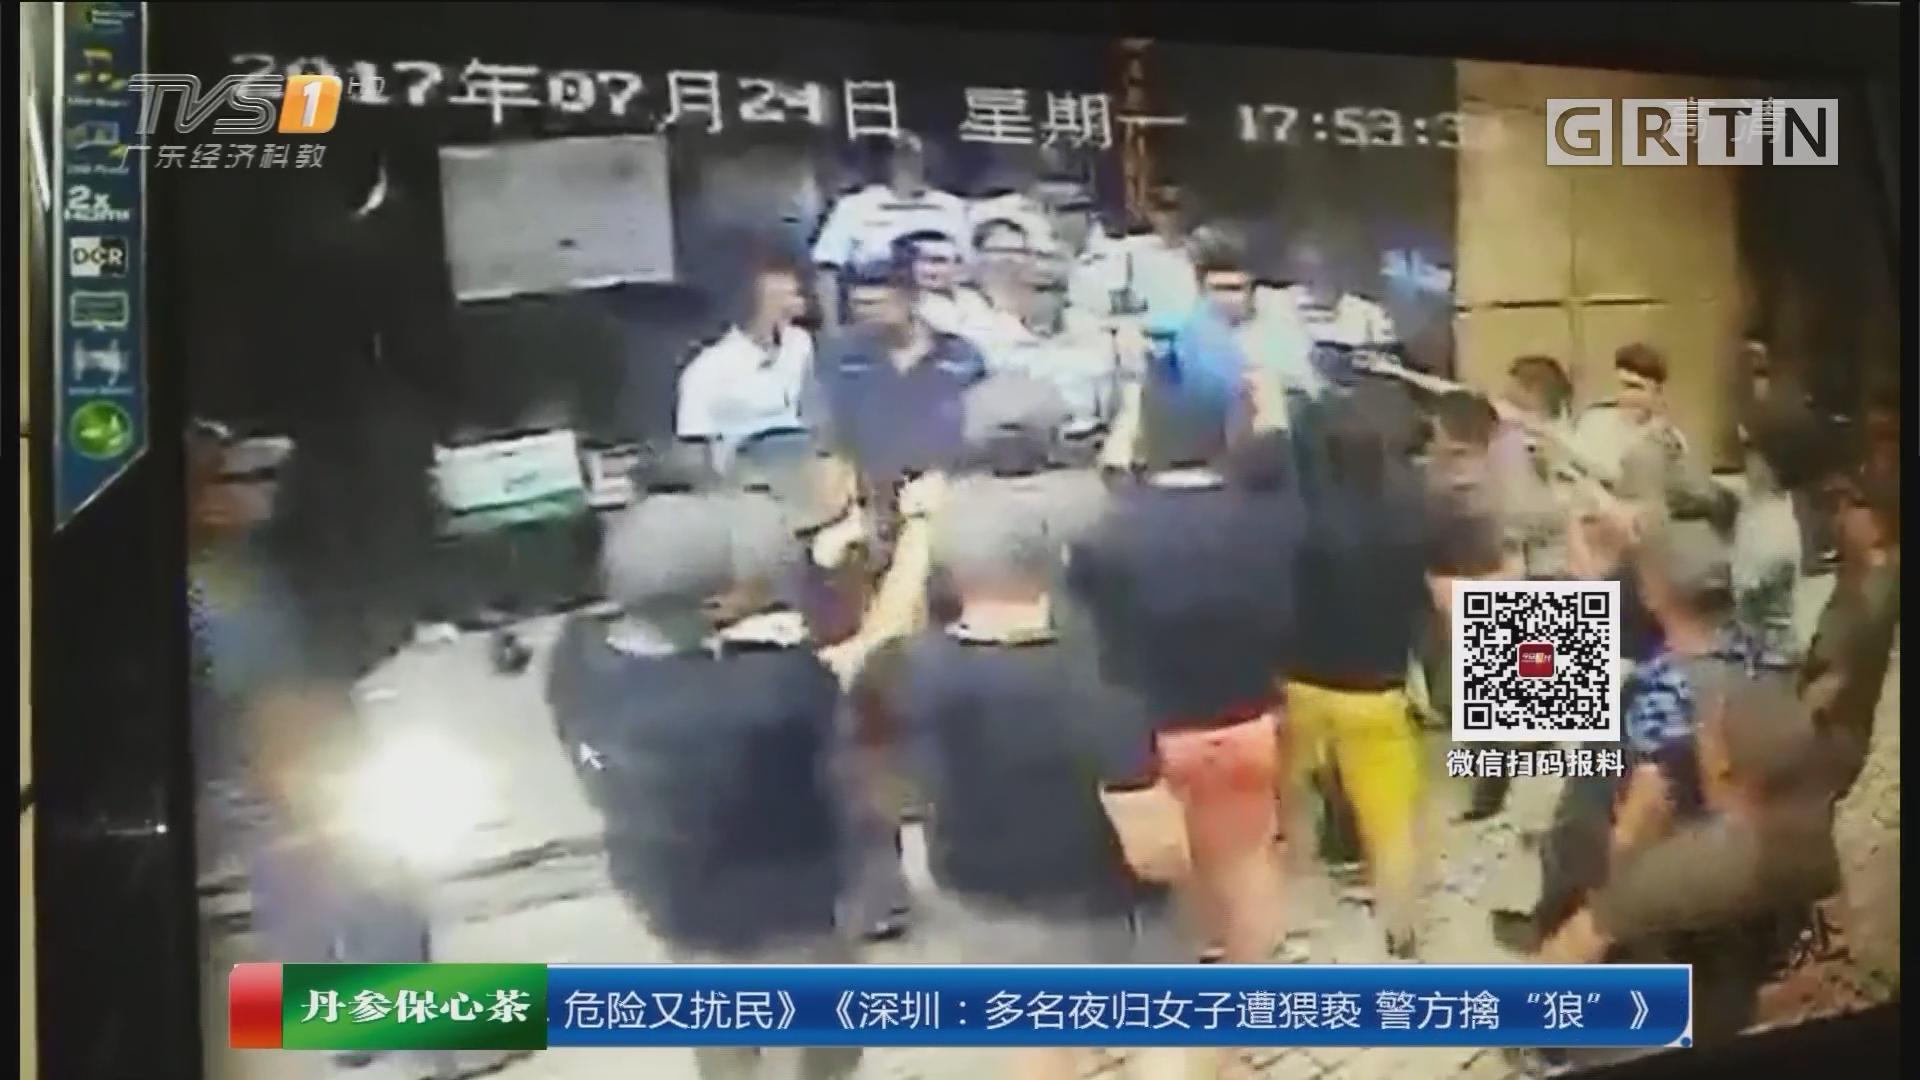 广州麓湖御景小区:数十黑衣男冲进小区 与新物管对峙